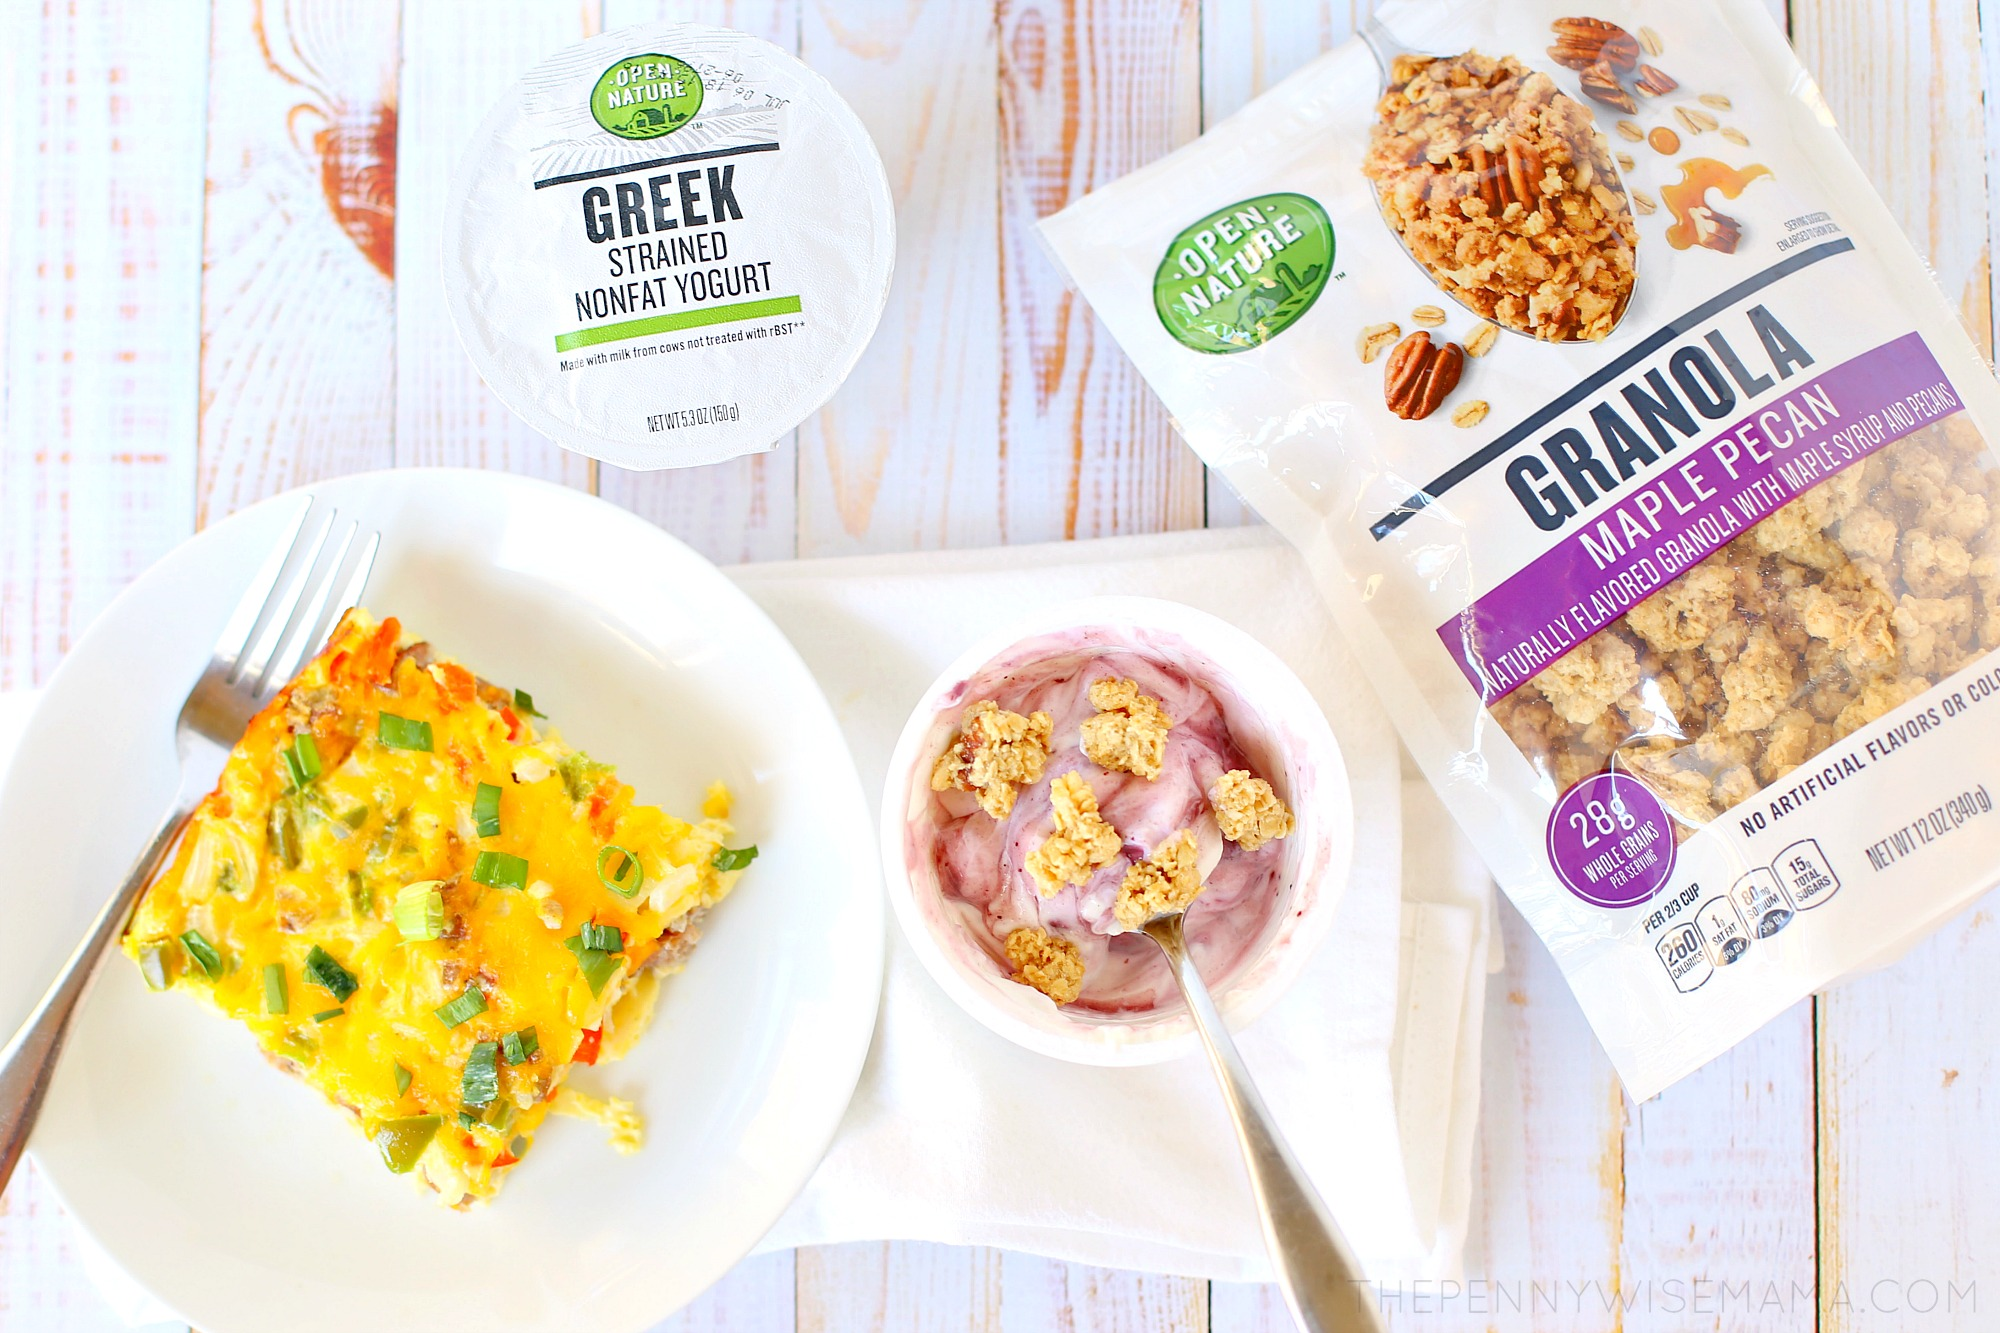 open nature breakfast options